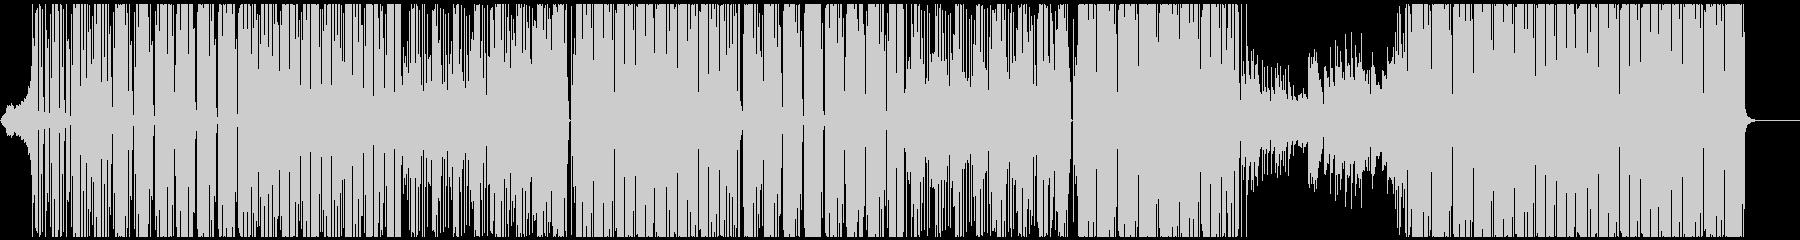 生アコギ、ネオン、VIP、ピアノ旋律の未再生の波形